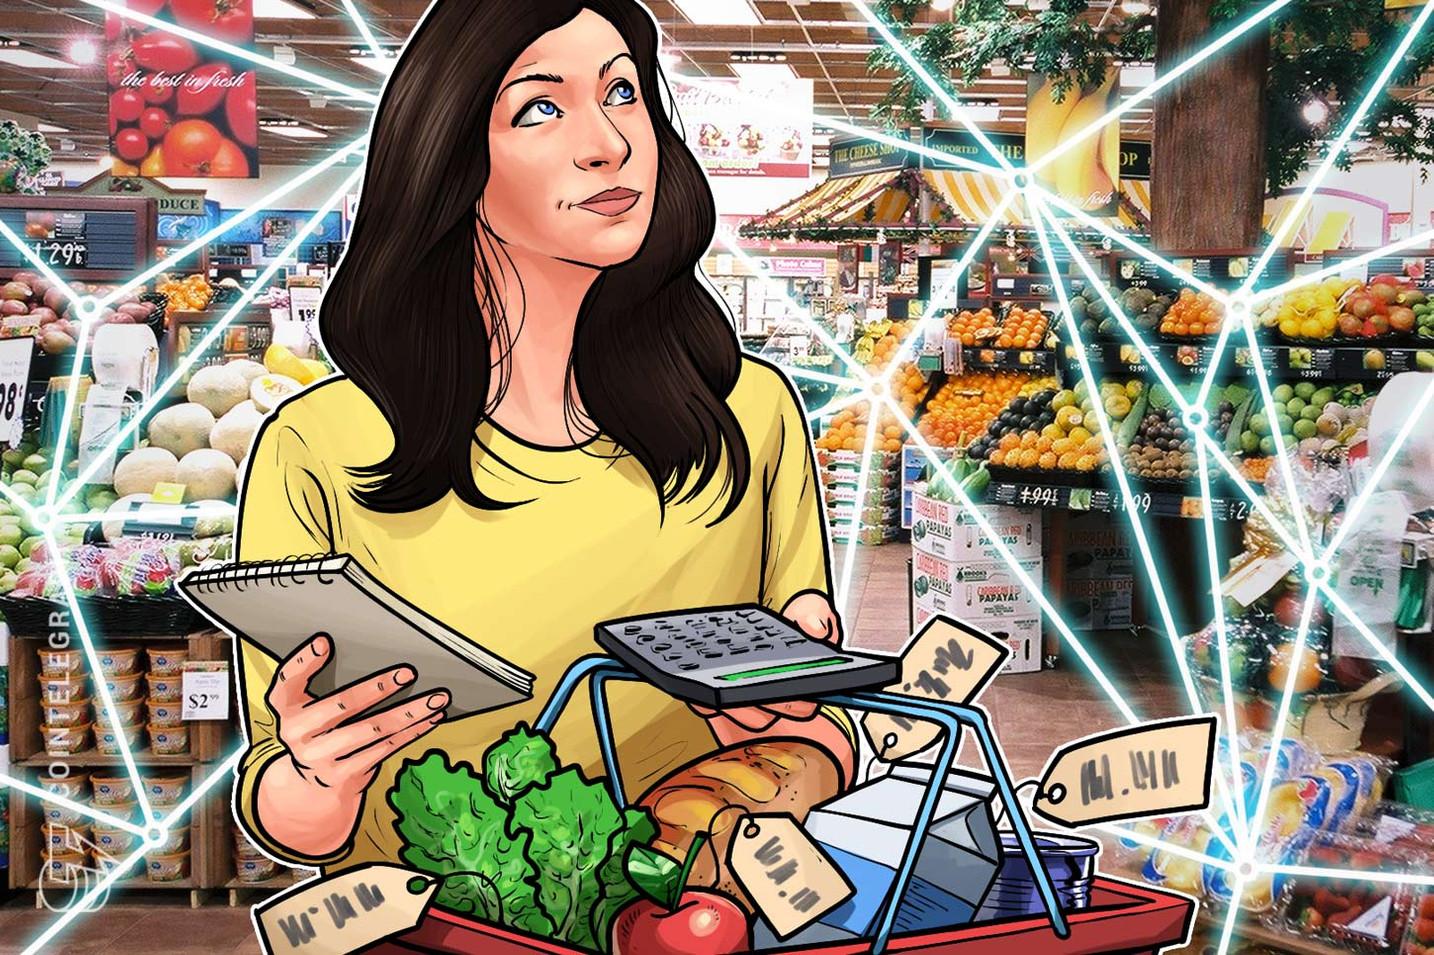 وولمارت تُقدم براءة اختراع لسوق عملاء قائمة على بلوكتشين